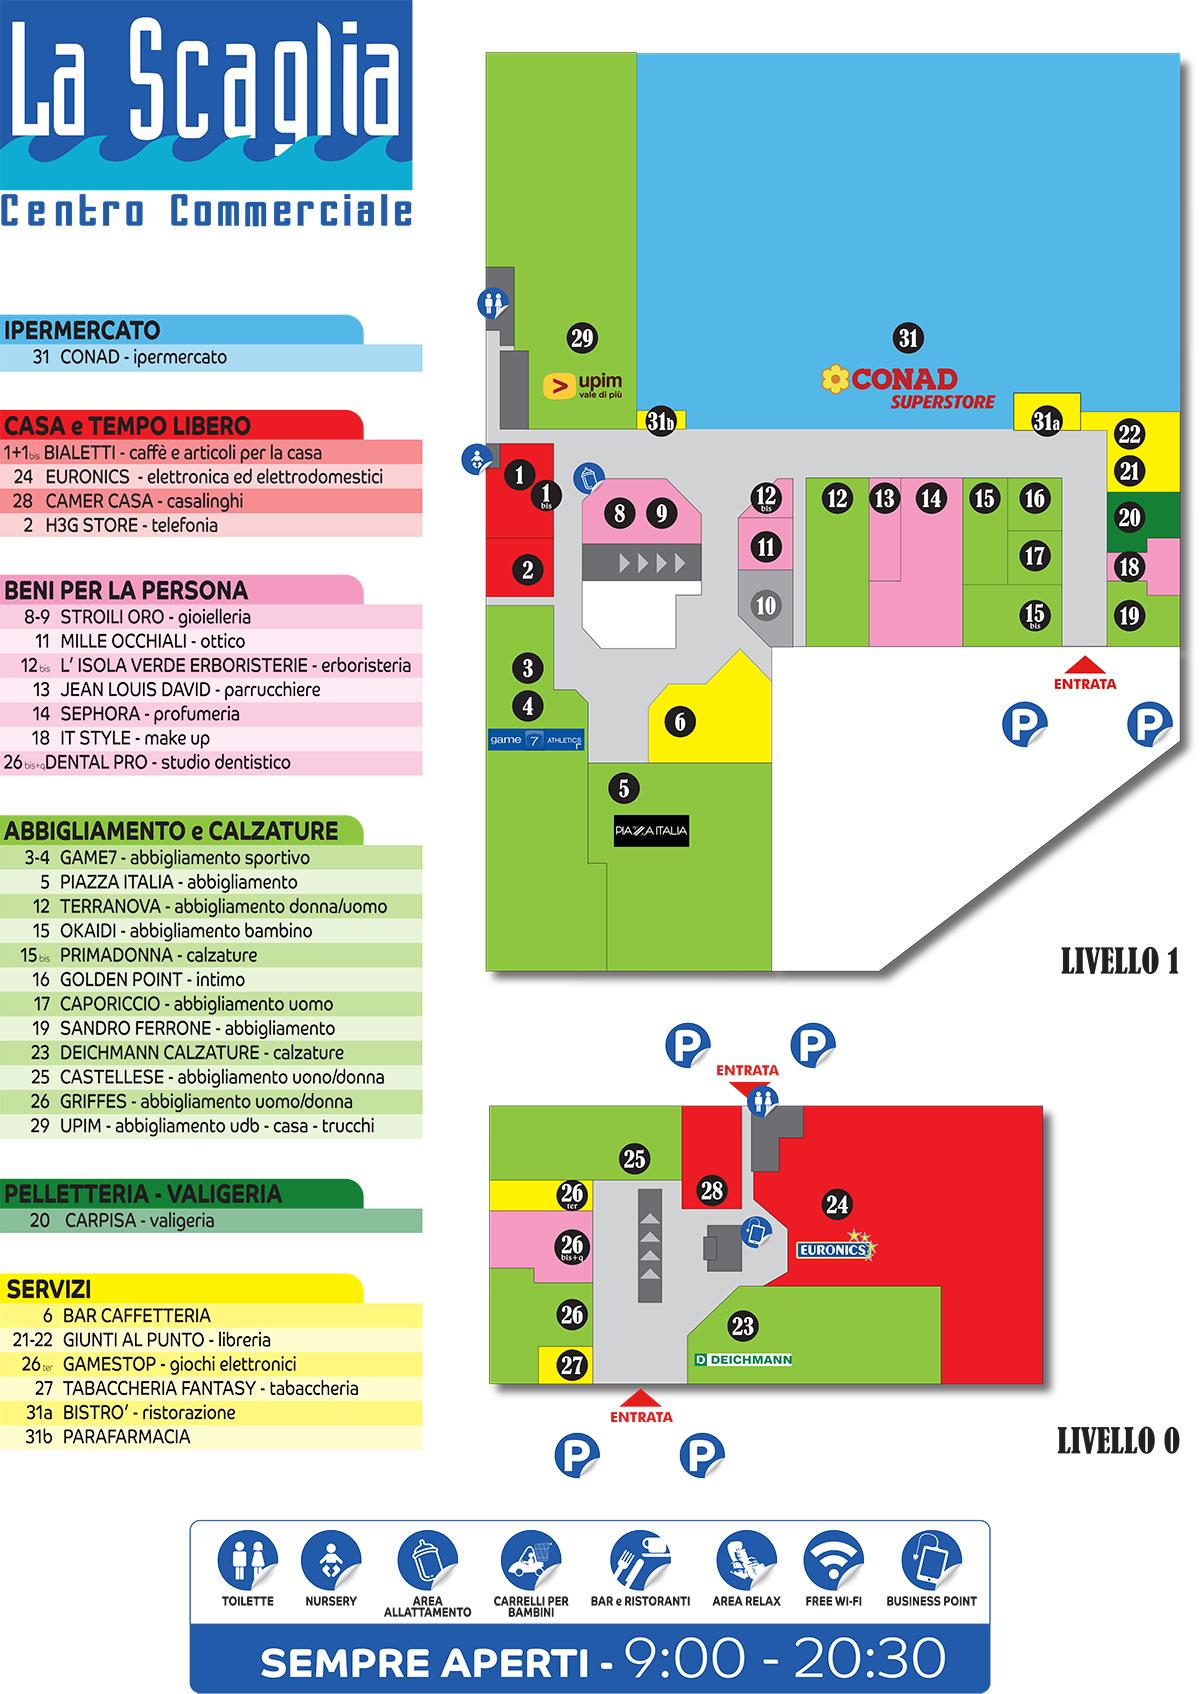 scaglia_mappa